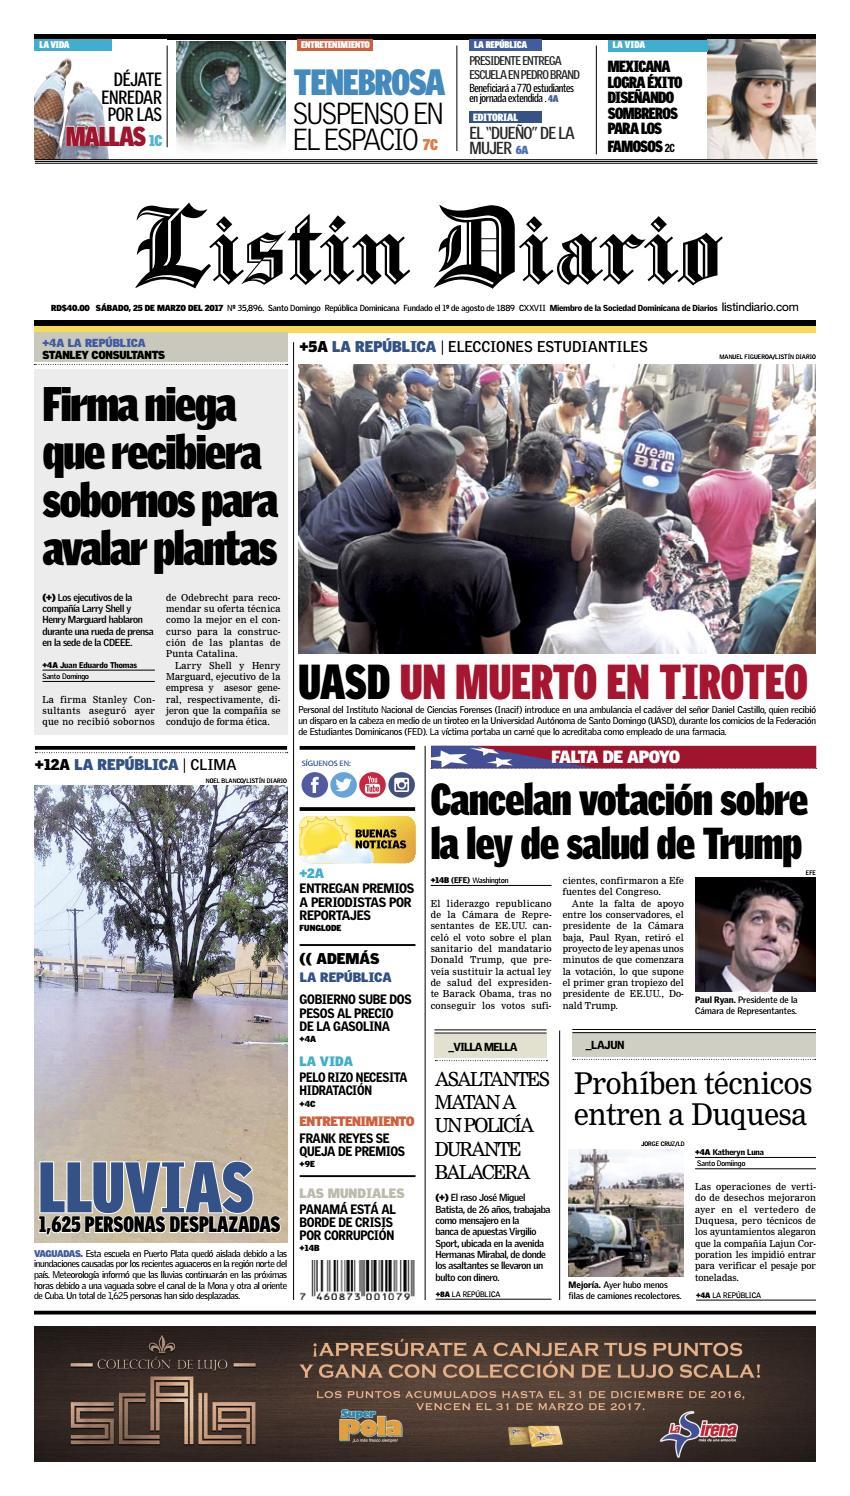 2017 03 25 by Listín Diario - issuu